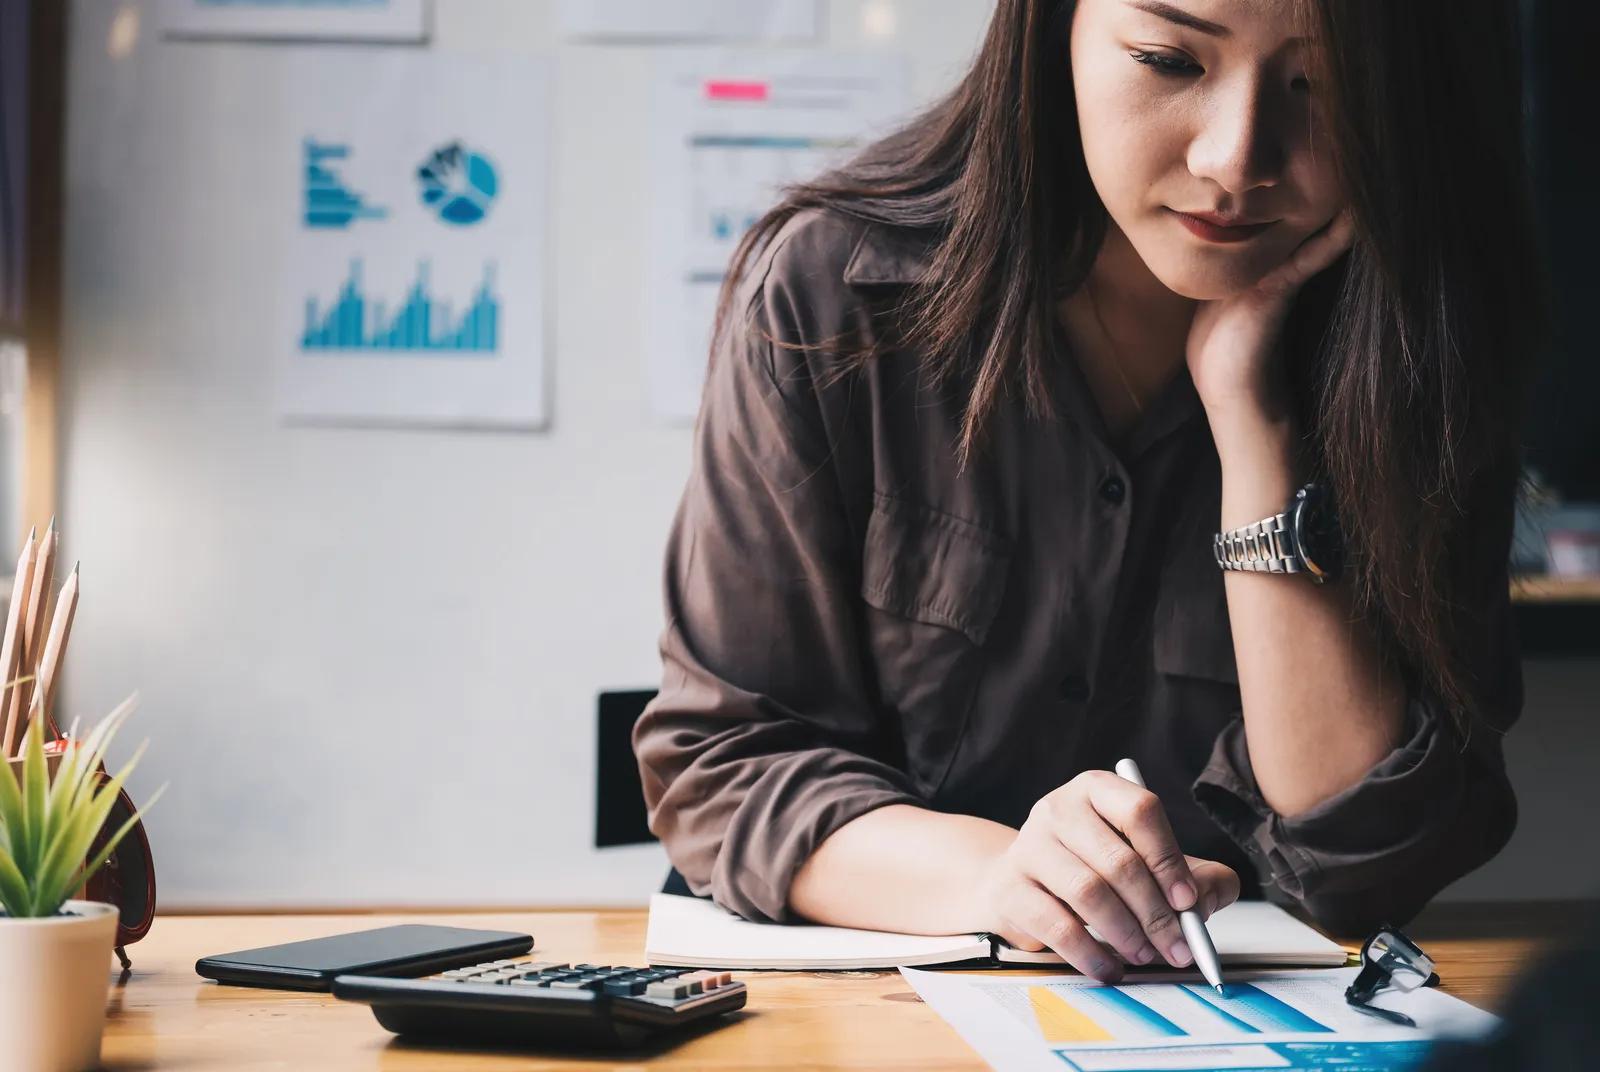 5 quy tắc tiết kiệm và phân bổ tiền lương cho người mới đi làm, giúp bạn tiết kiệm được khoản tiền đáng kể dù thu nhập chưa cao - Ảnh 1.